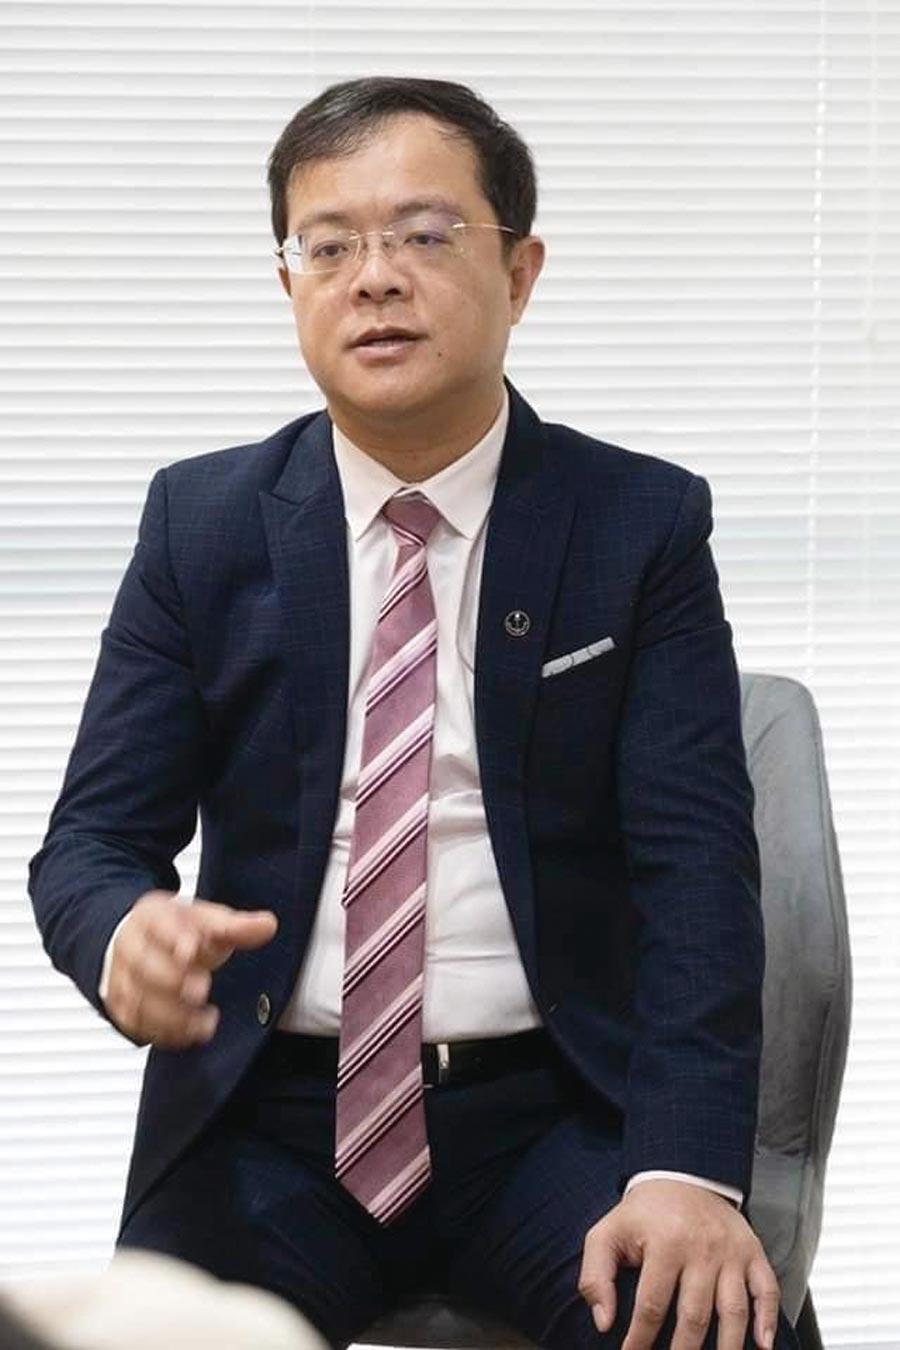 呂原富強調,億萬房產集團提供近300位的專業團隊協助客戶投資房地產。圖/江富滿